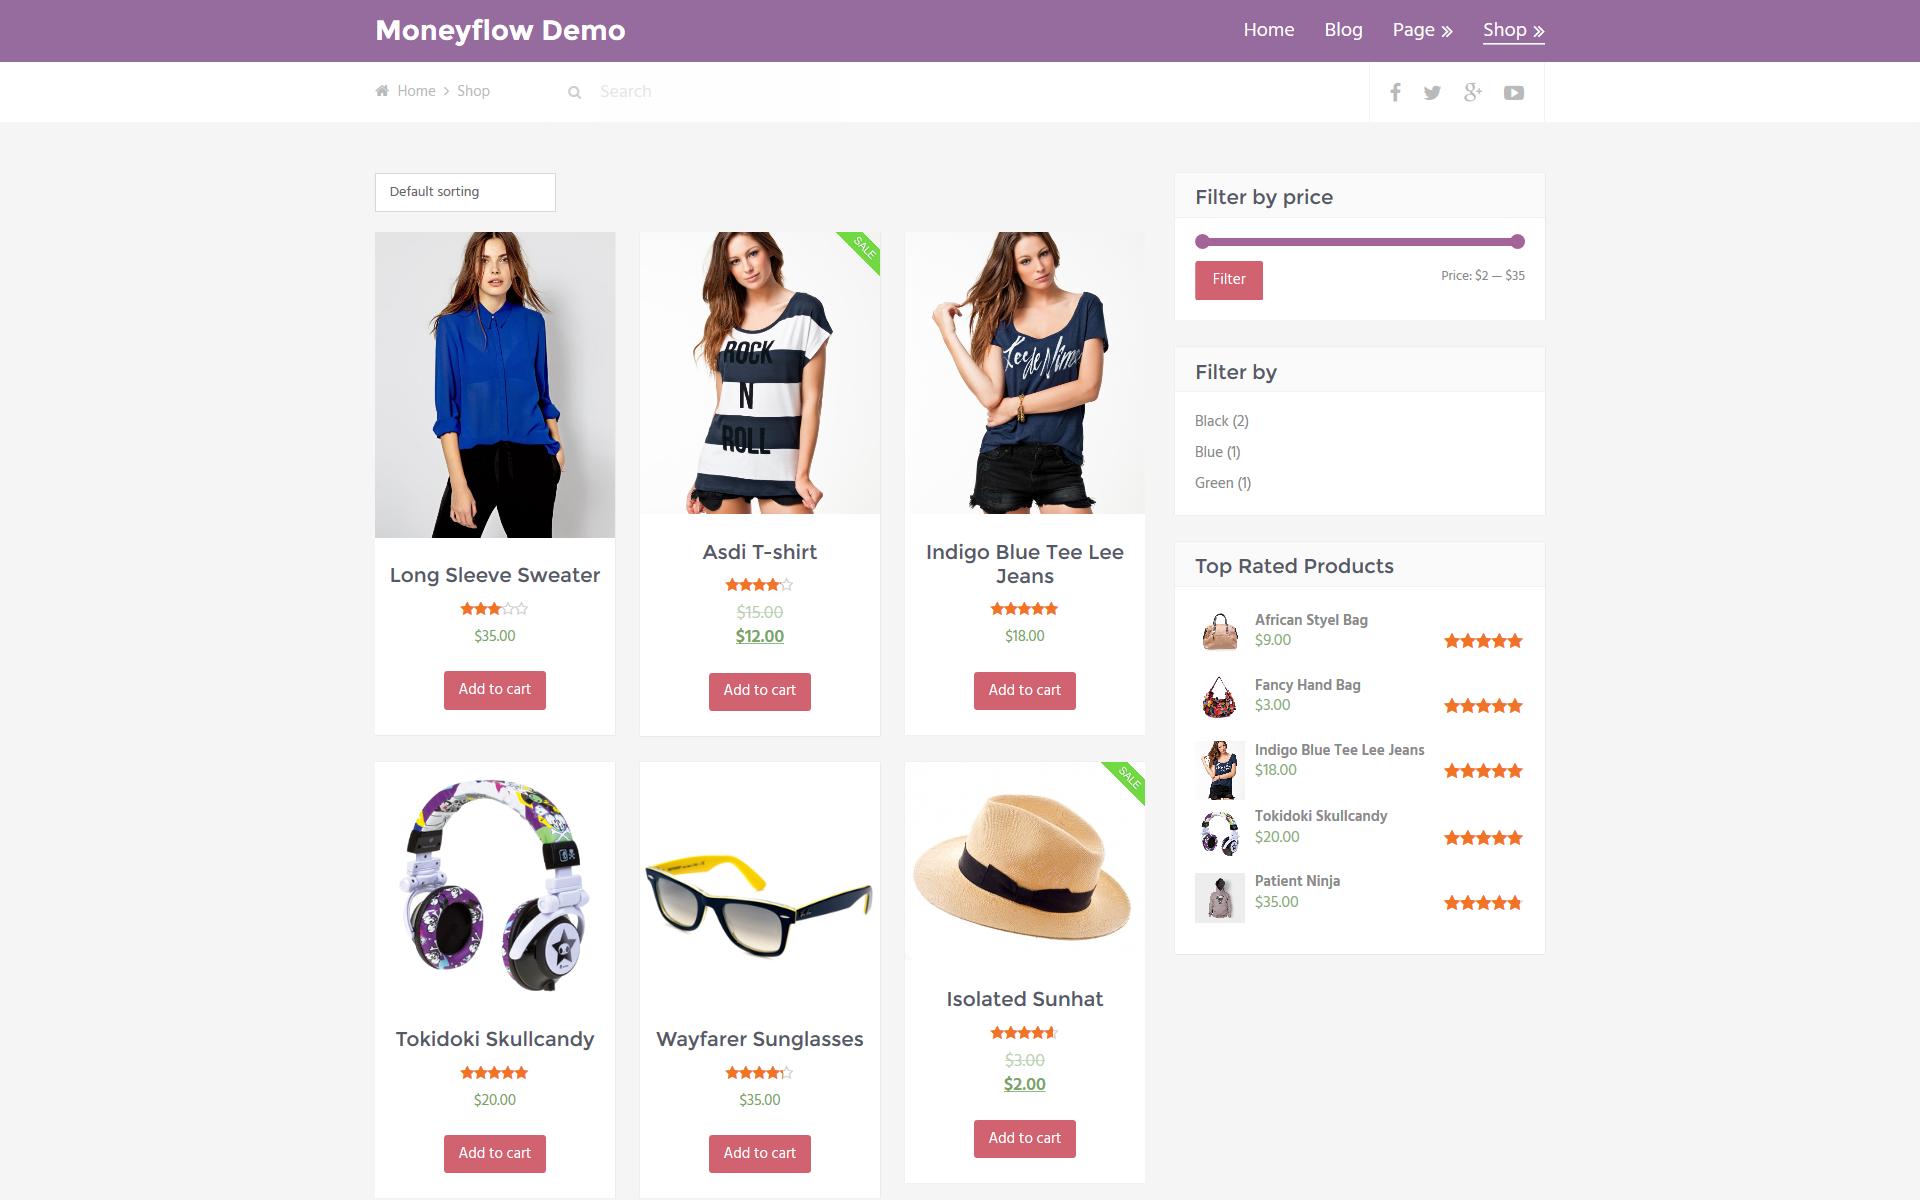 moneyflow shop